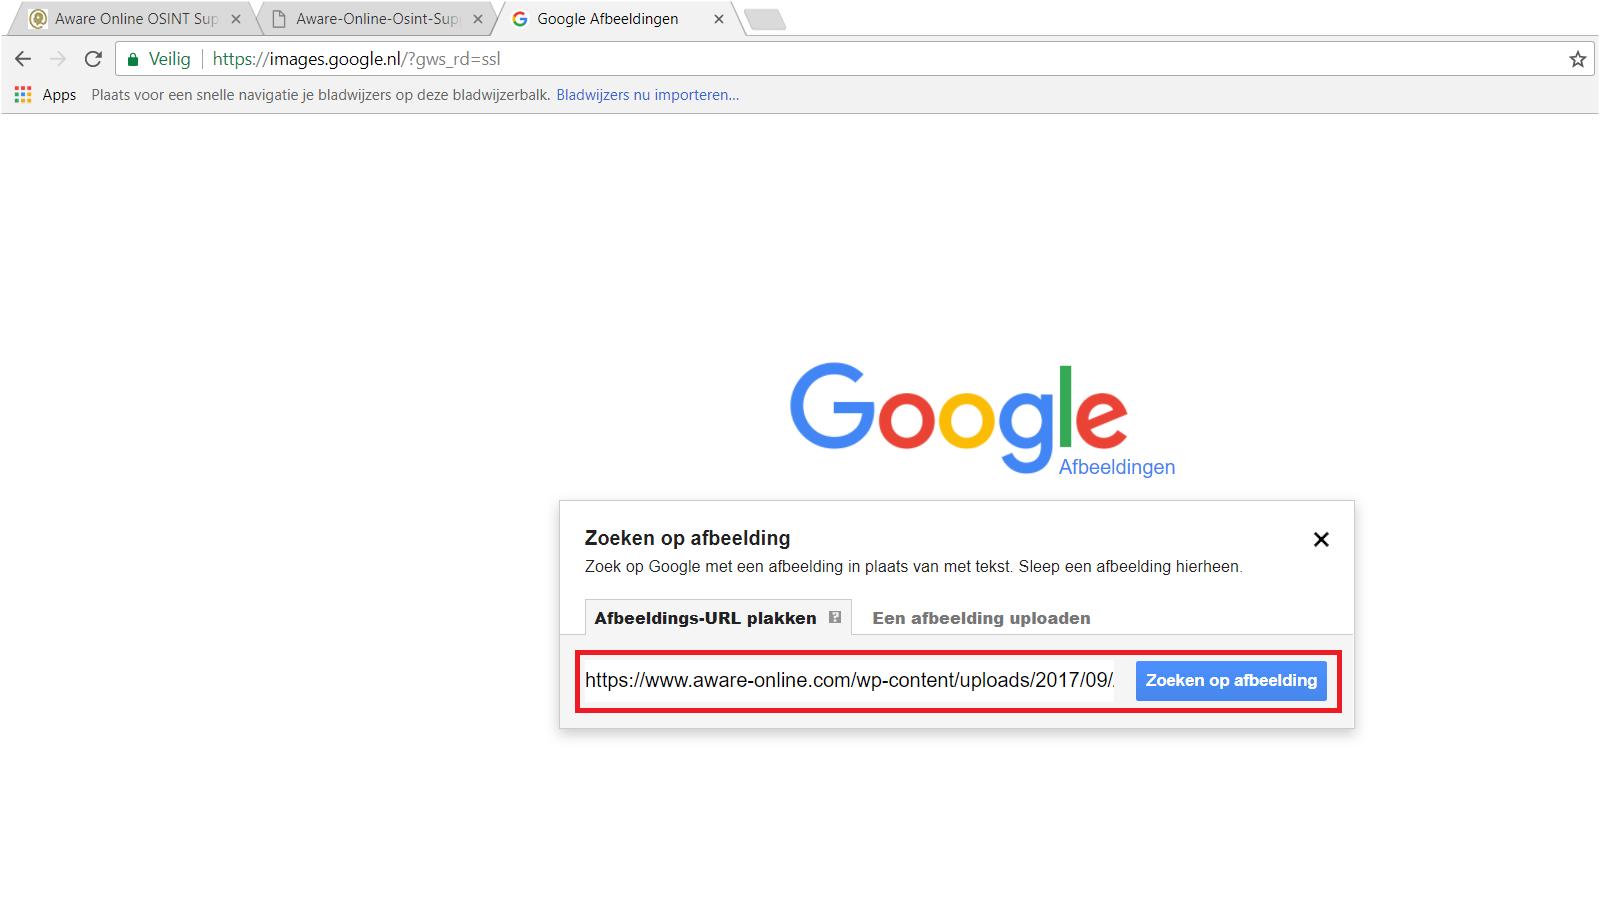 Afbeeldingen Zoeken In Google